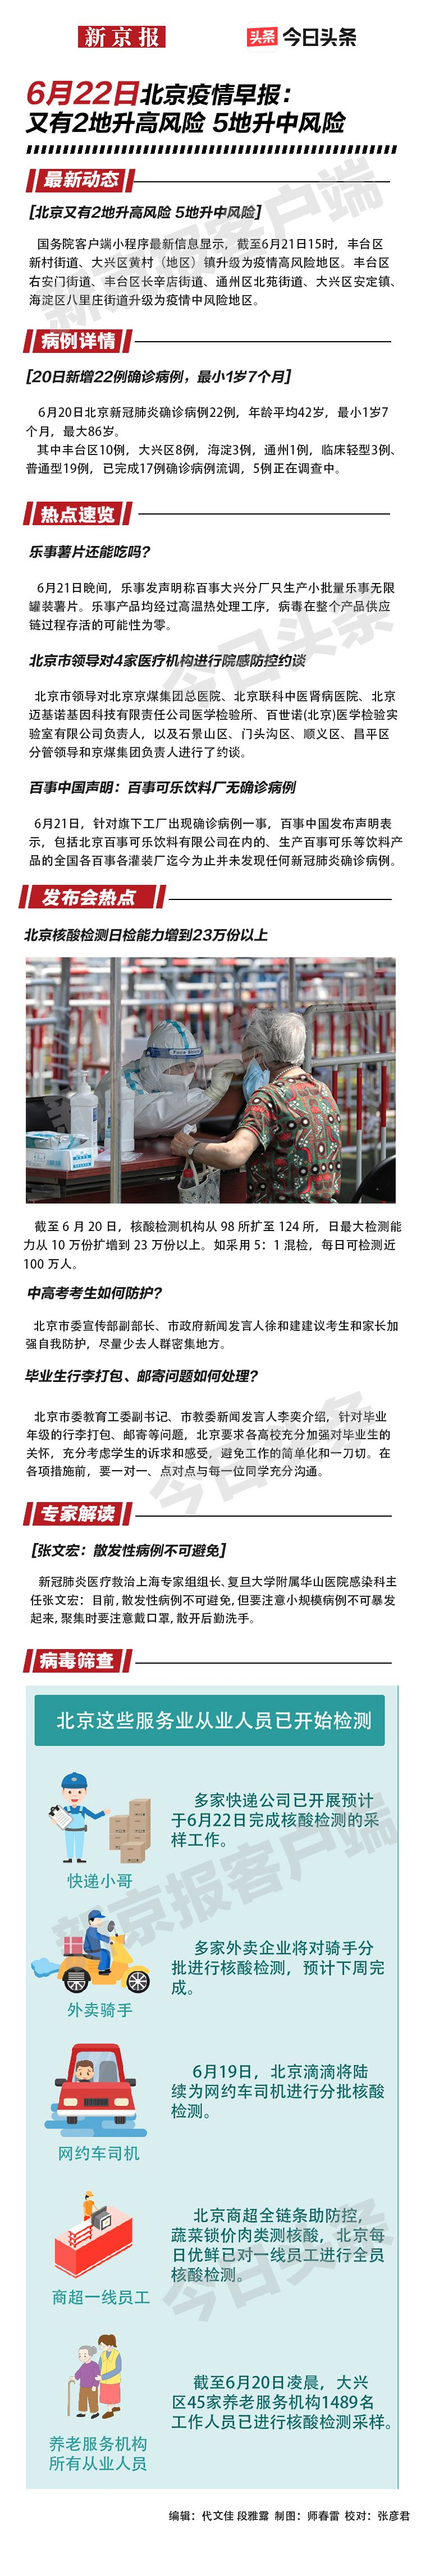 摩天注册6月22日摩天注册北京疫情早报图片